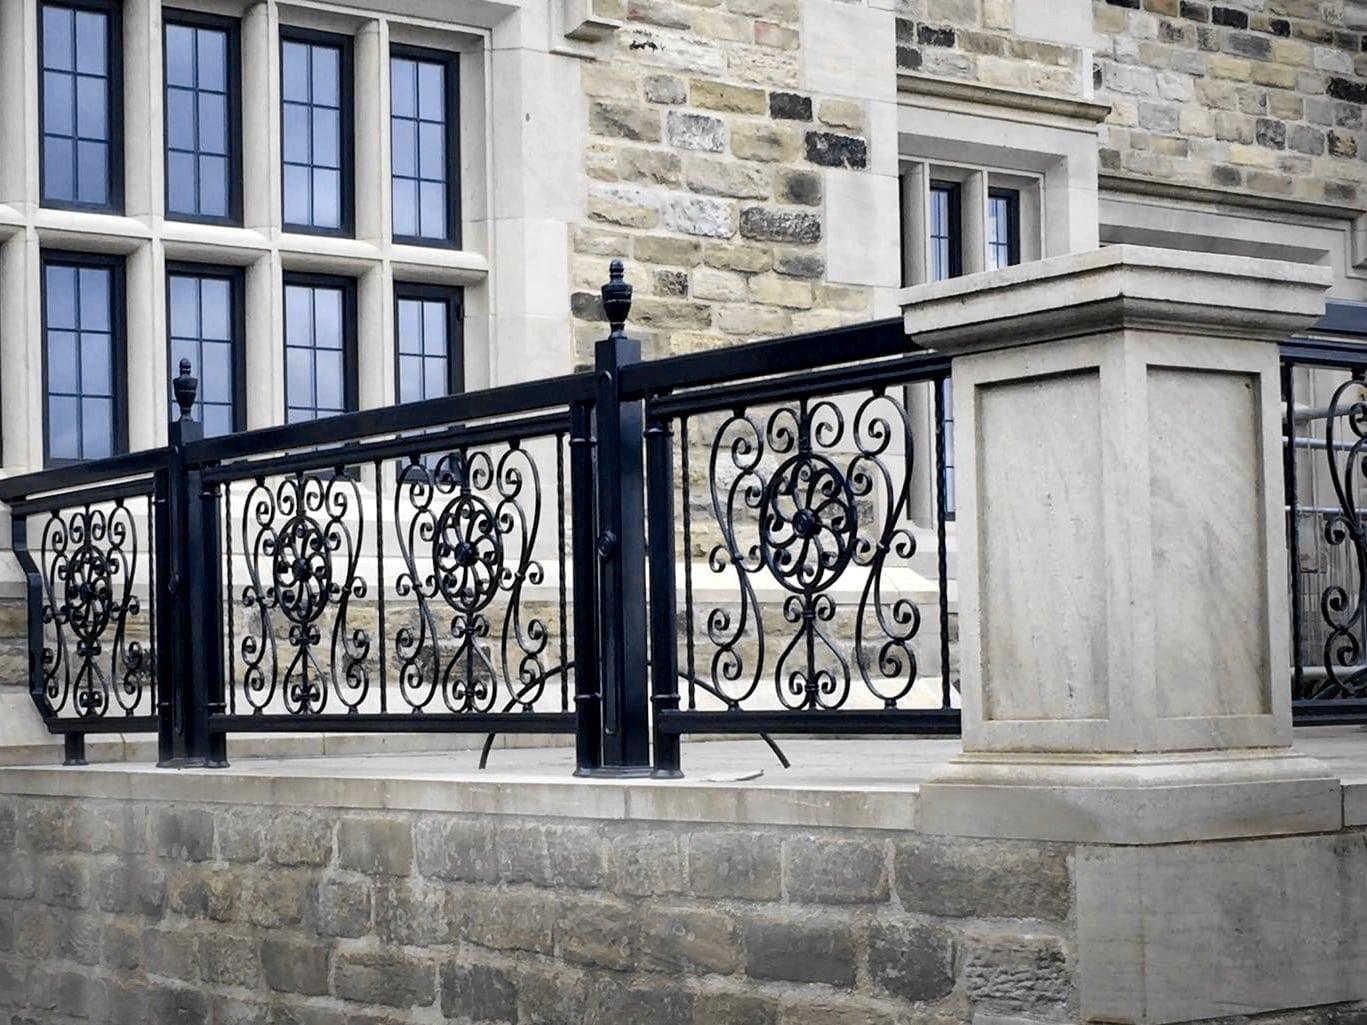 Wrought Iron Wall Panels: Metal Fabrication London